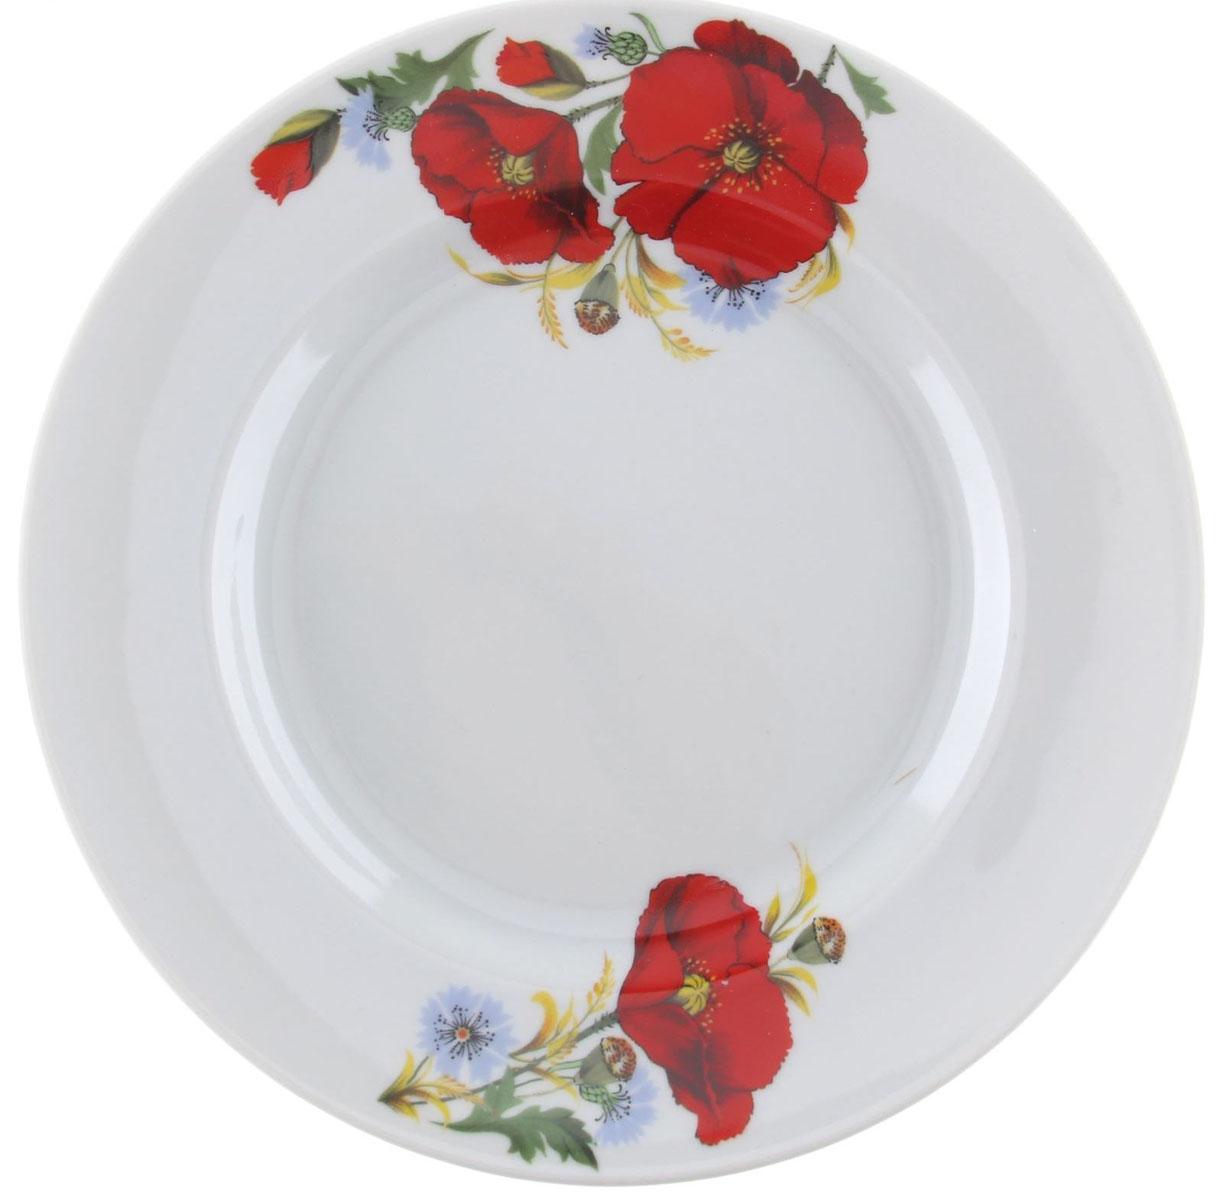 Тарелка мелкая Идиллия. Маки красные, диаметр 20 см1303846Мелкая тарелка Идиллия. Маки красные выполнена из высококачественного фарфора и украшена ярким цветочным рисунком. Она прекрасно впишется в интерьер вашей кухни и станет достойным дополнением к кухонному инвентарю. Тарелка Идиллия. Маки красные подчеркнет прекрасный вкус хозяйки и станет отличным подарком. Диаметр тарелки: 20 см.